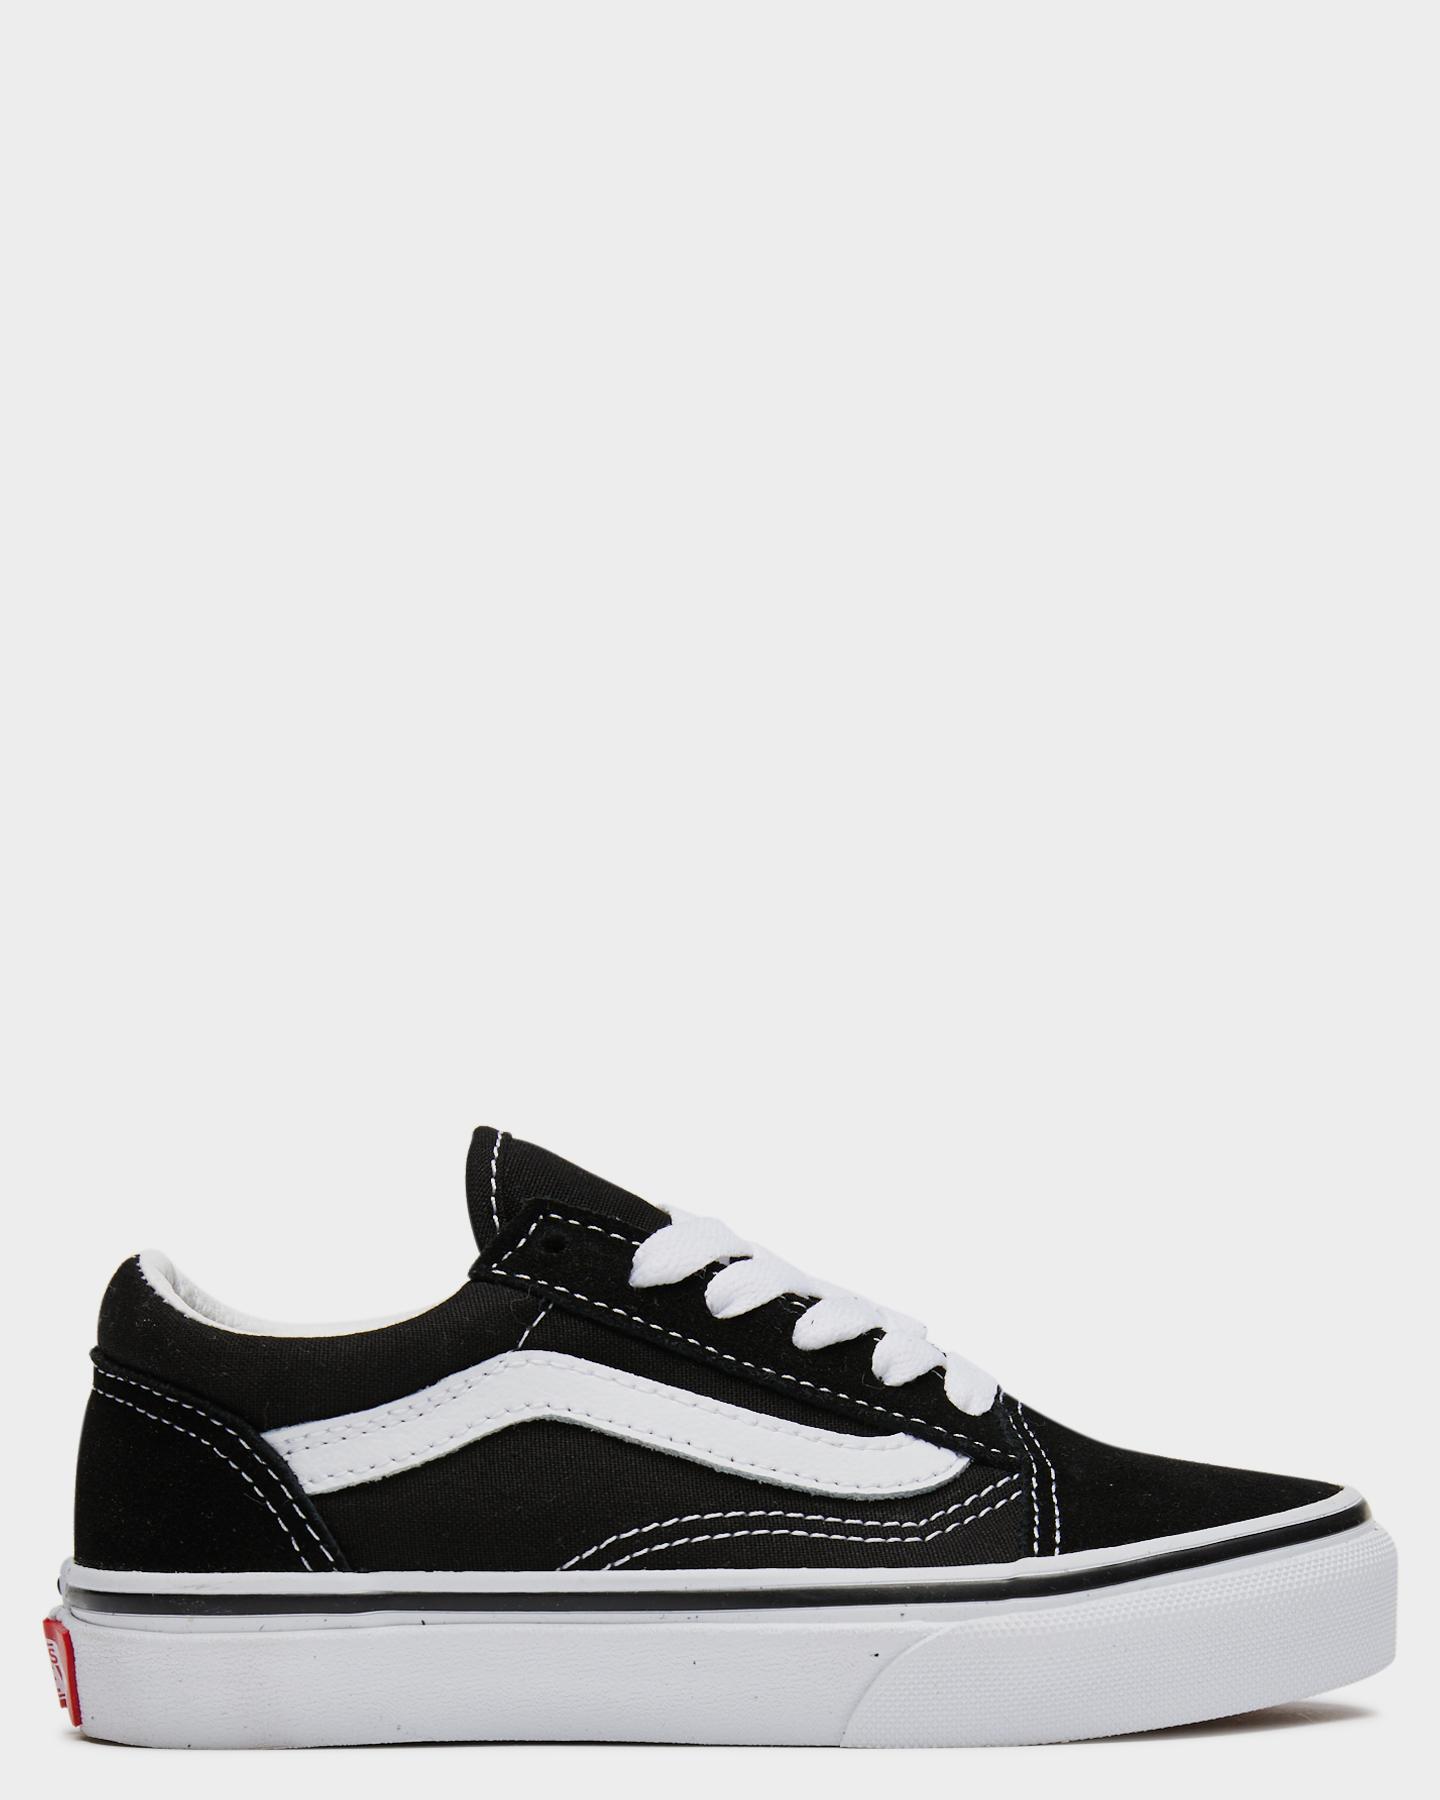 black and white vans near me - 57